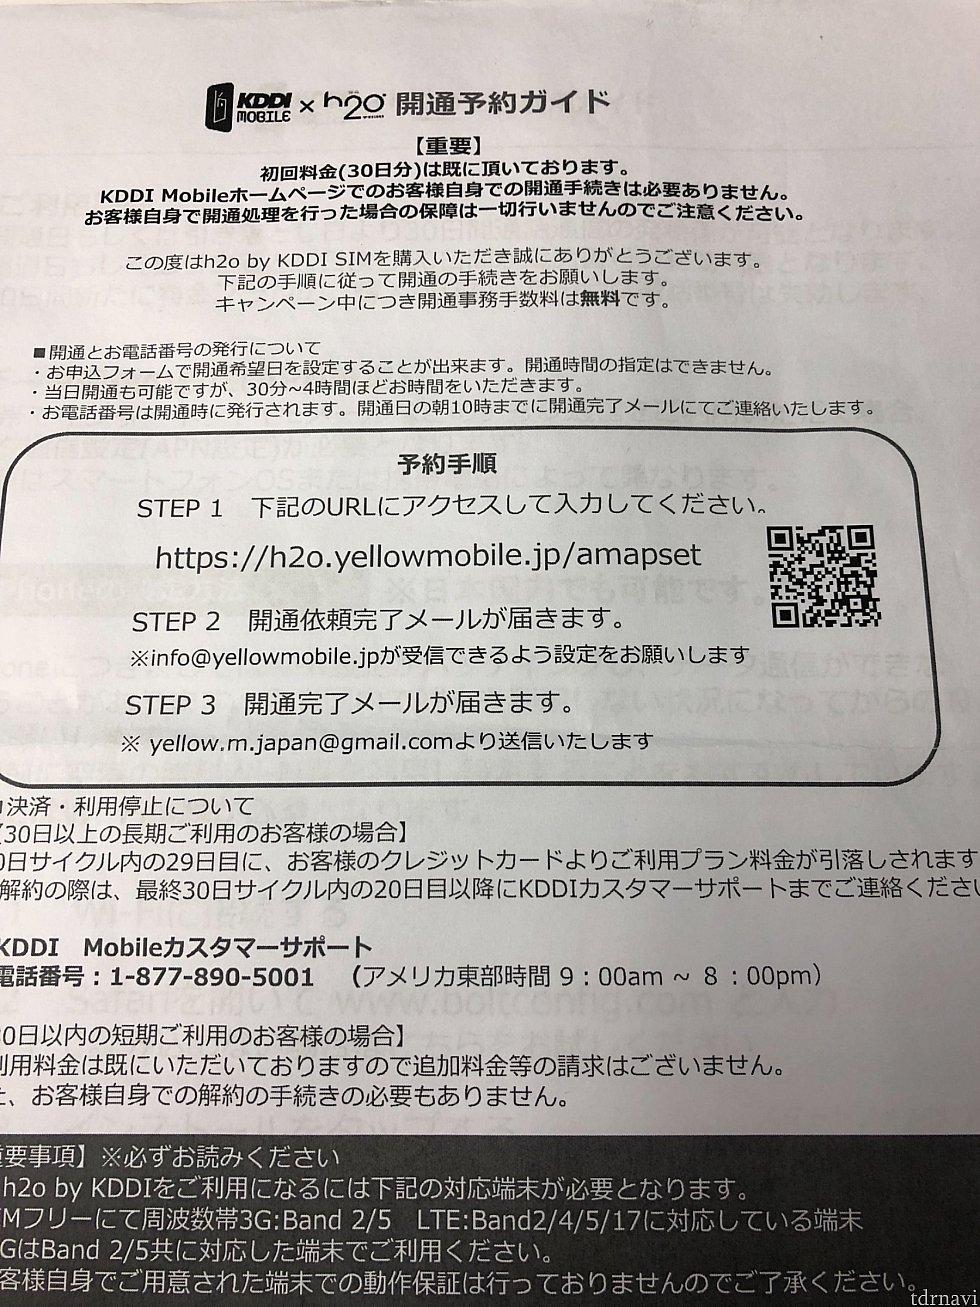 開通マニュアルやサポートは日本語ですので、安心して利用できます!